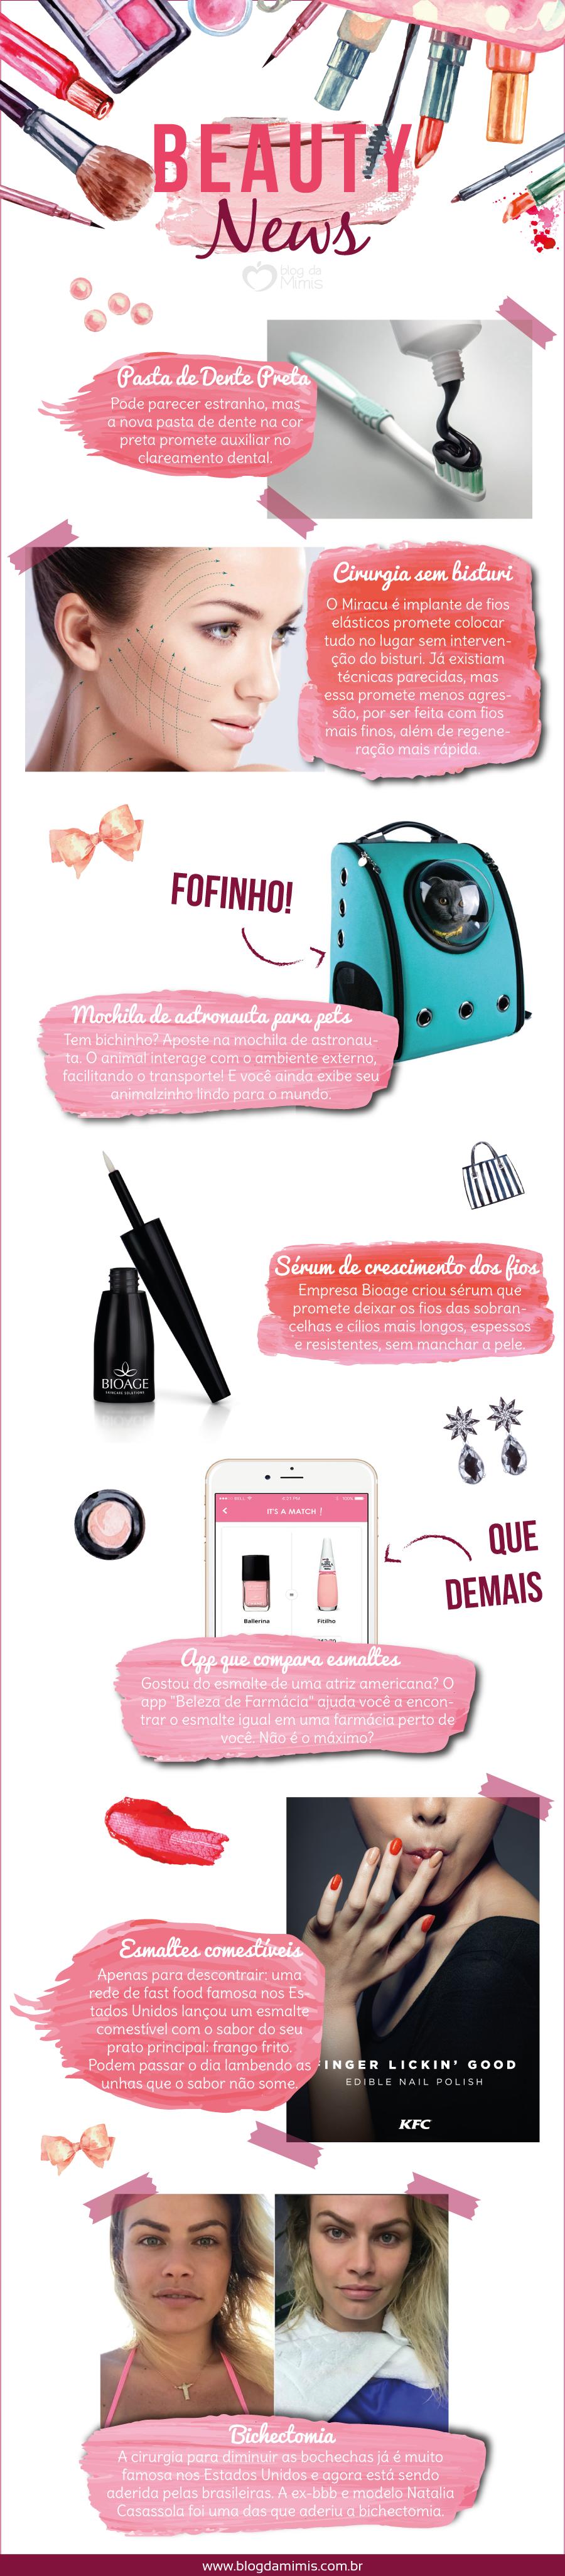 beauty-news-setembro-2016-blog-da-mimis-michelle-franzoni-post